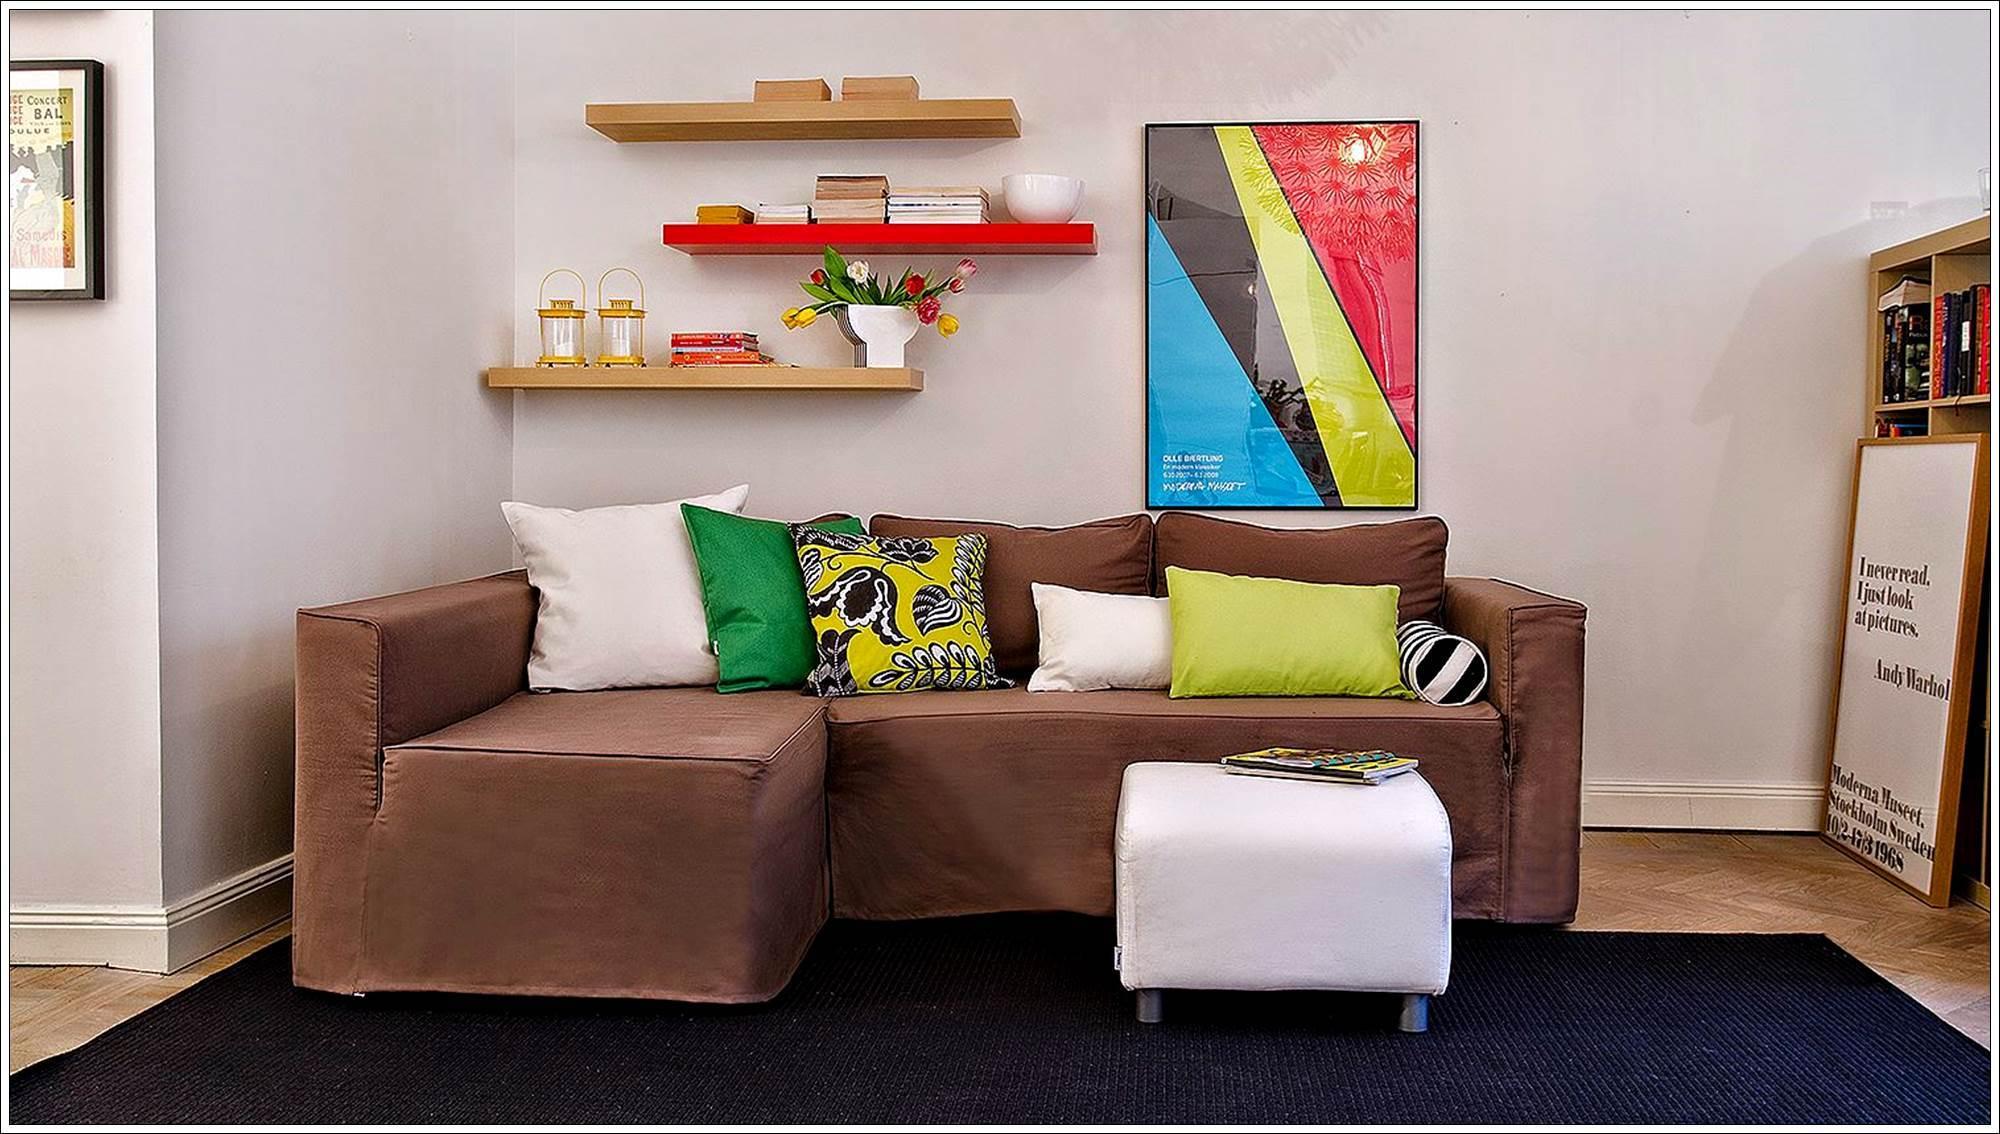 Canape D Angle Ikea Convertible Impressionnant Images Housse Canape D Angle Ikea – Idées De Décoration  La Maison